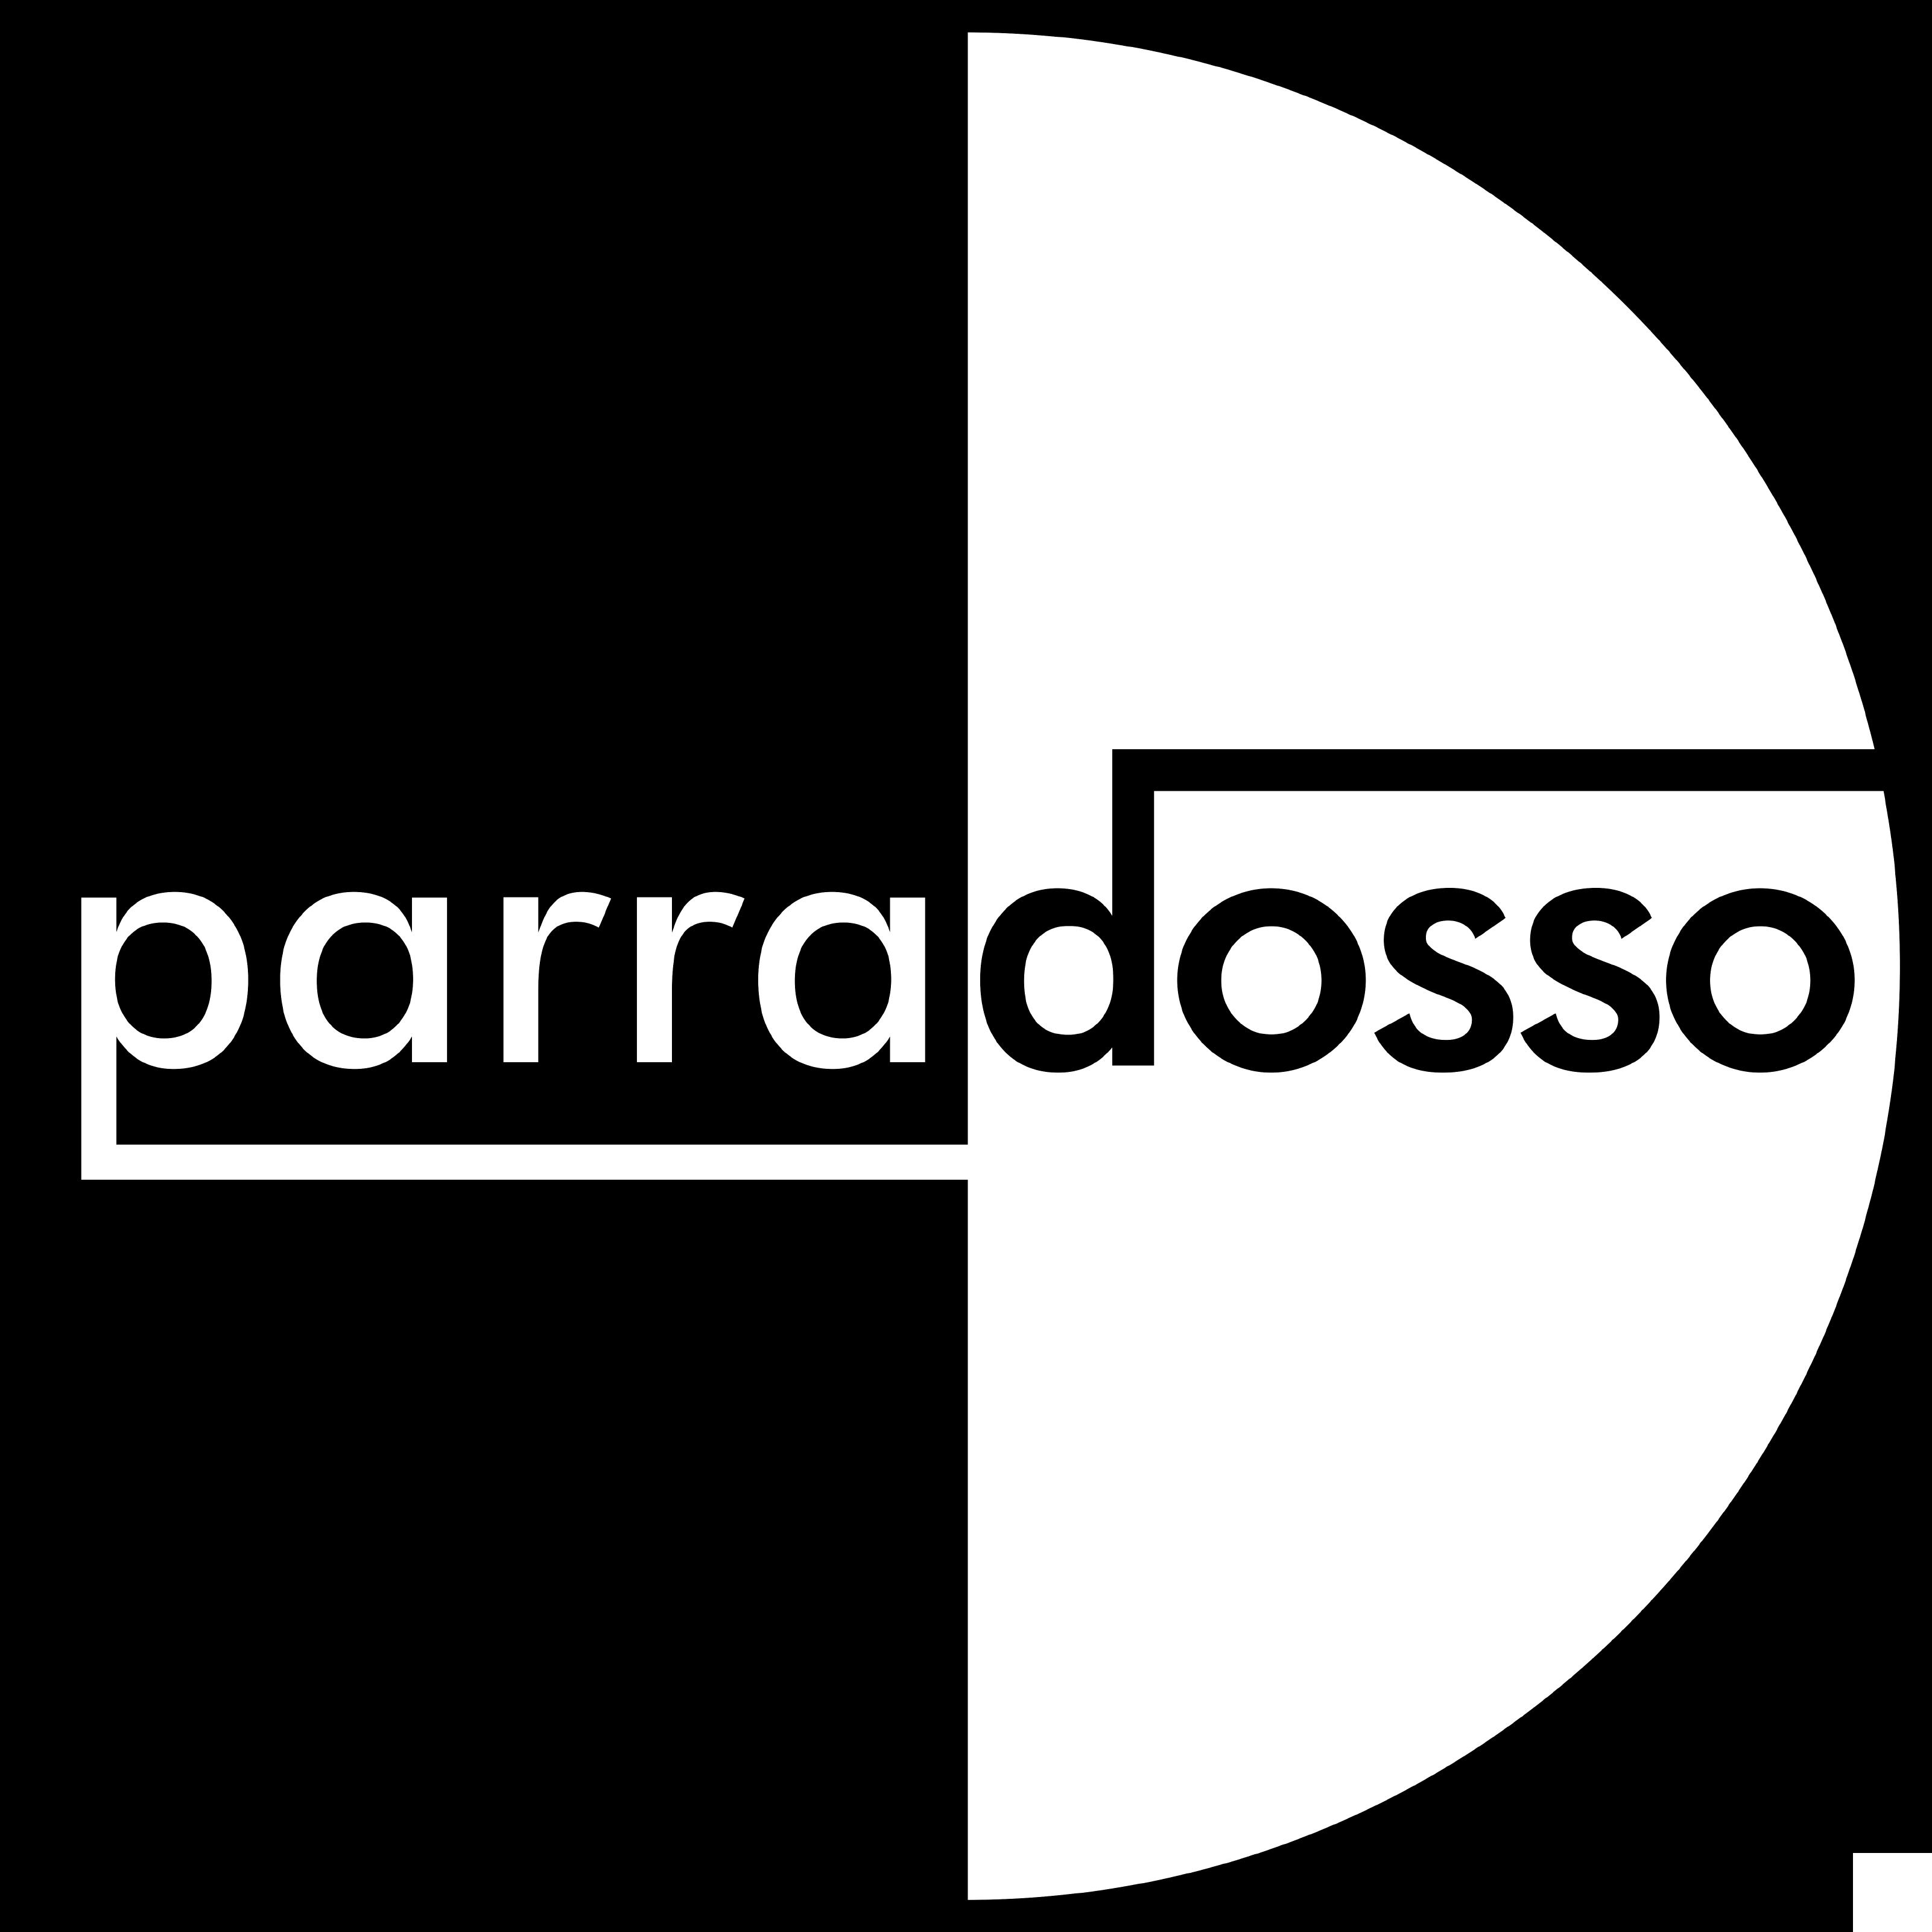 PARRADOSSO